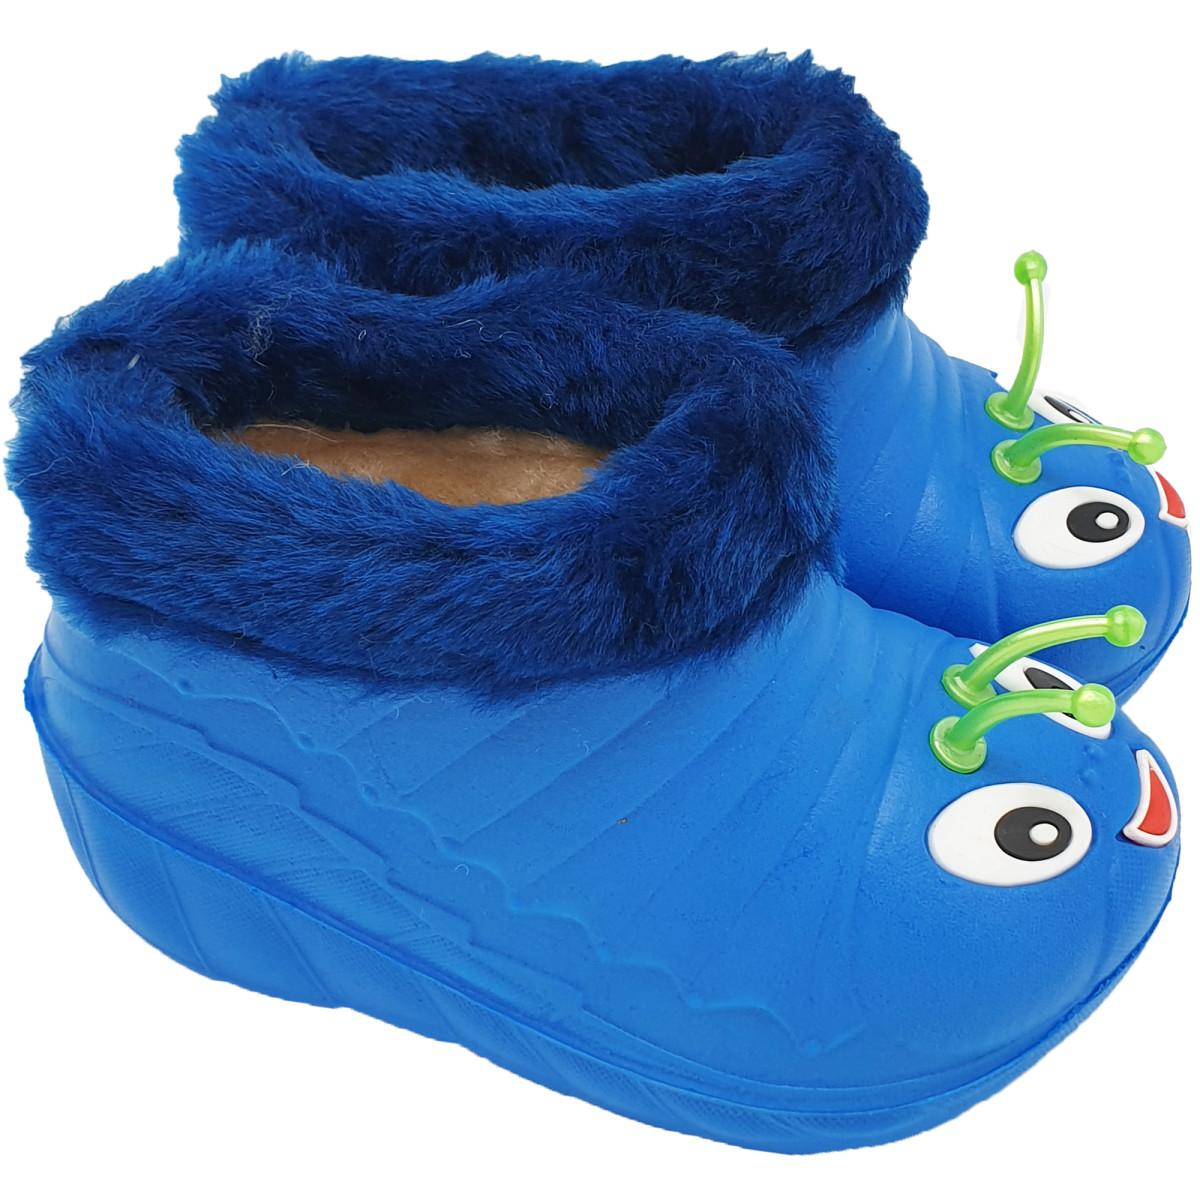 Ботики детские У1-03 размер 28 цвет синий